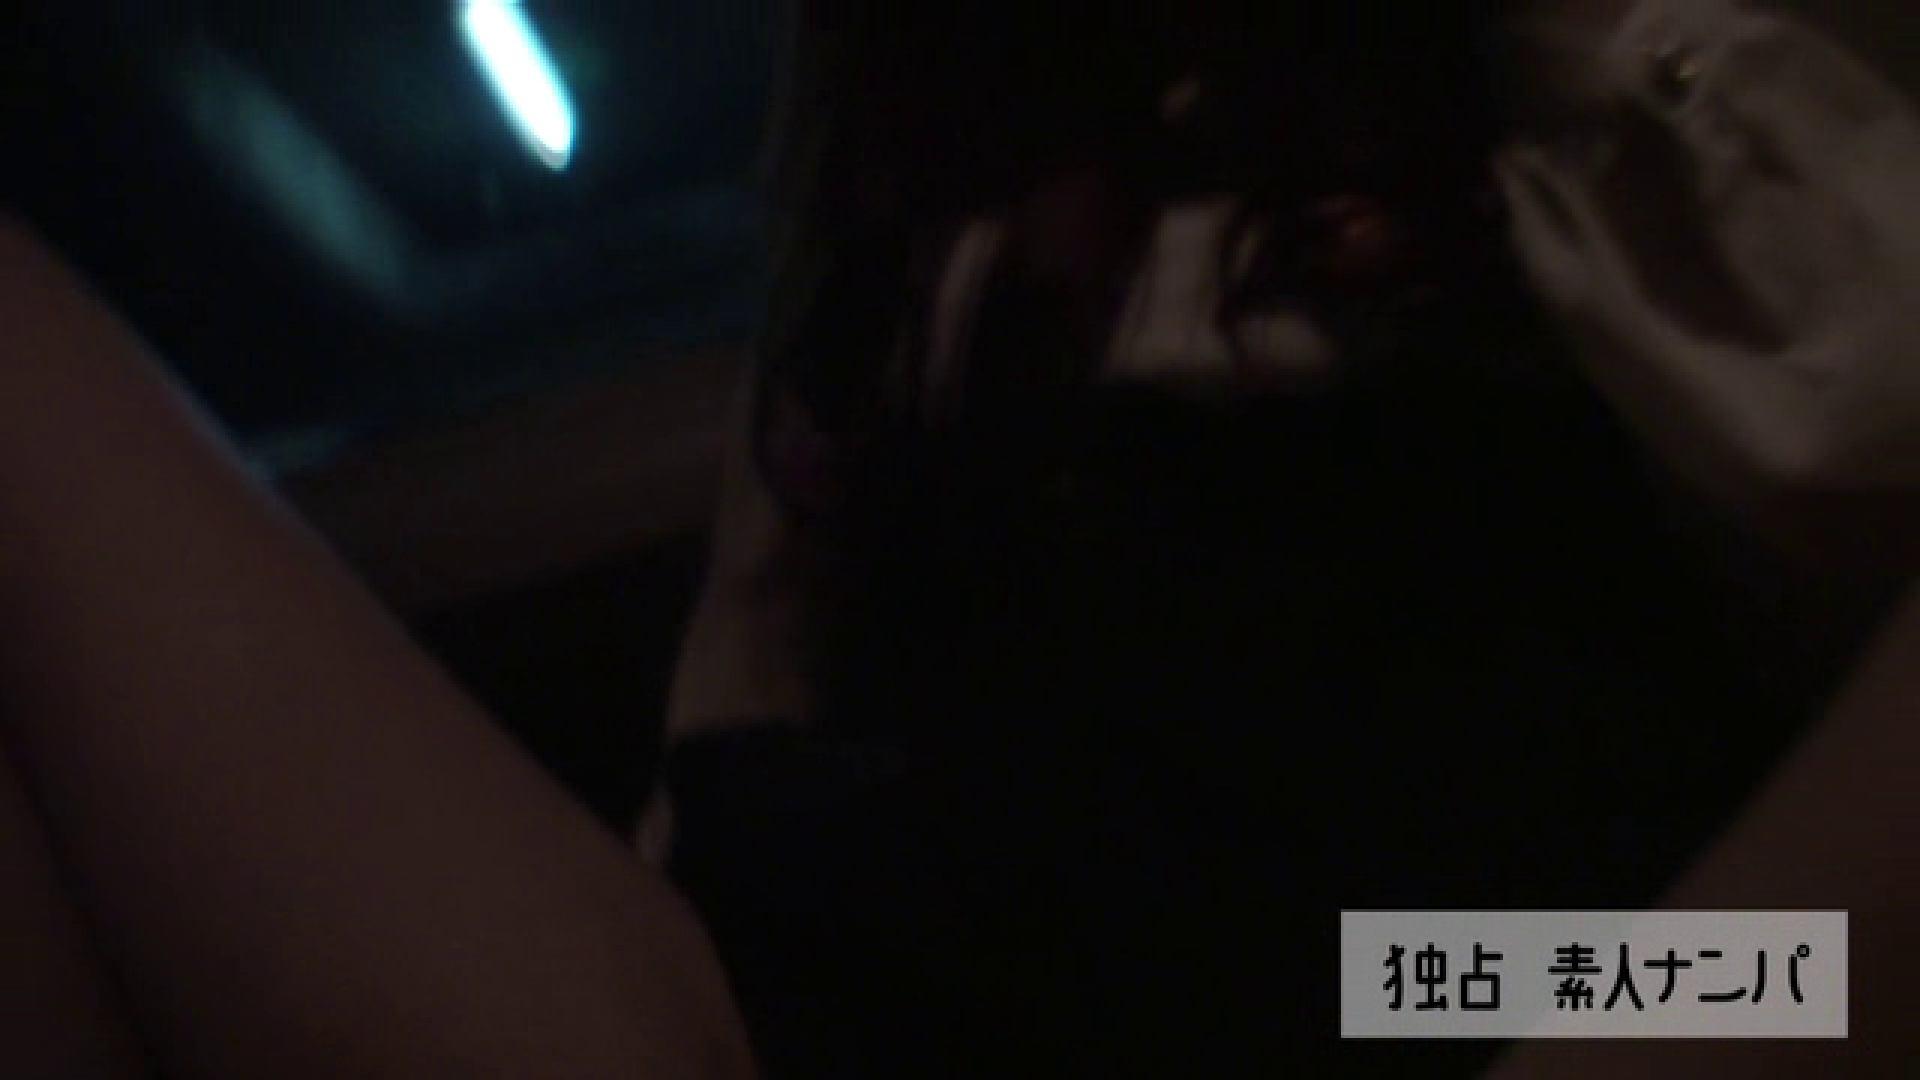 独占入手!!ヤラセ無し本物素人ナンパ 仕事帰りのOL編 企画 | ナンパ  102pic 97